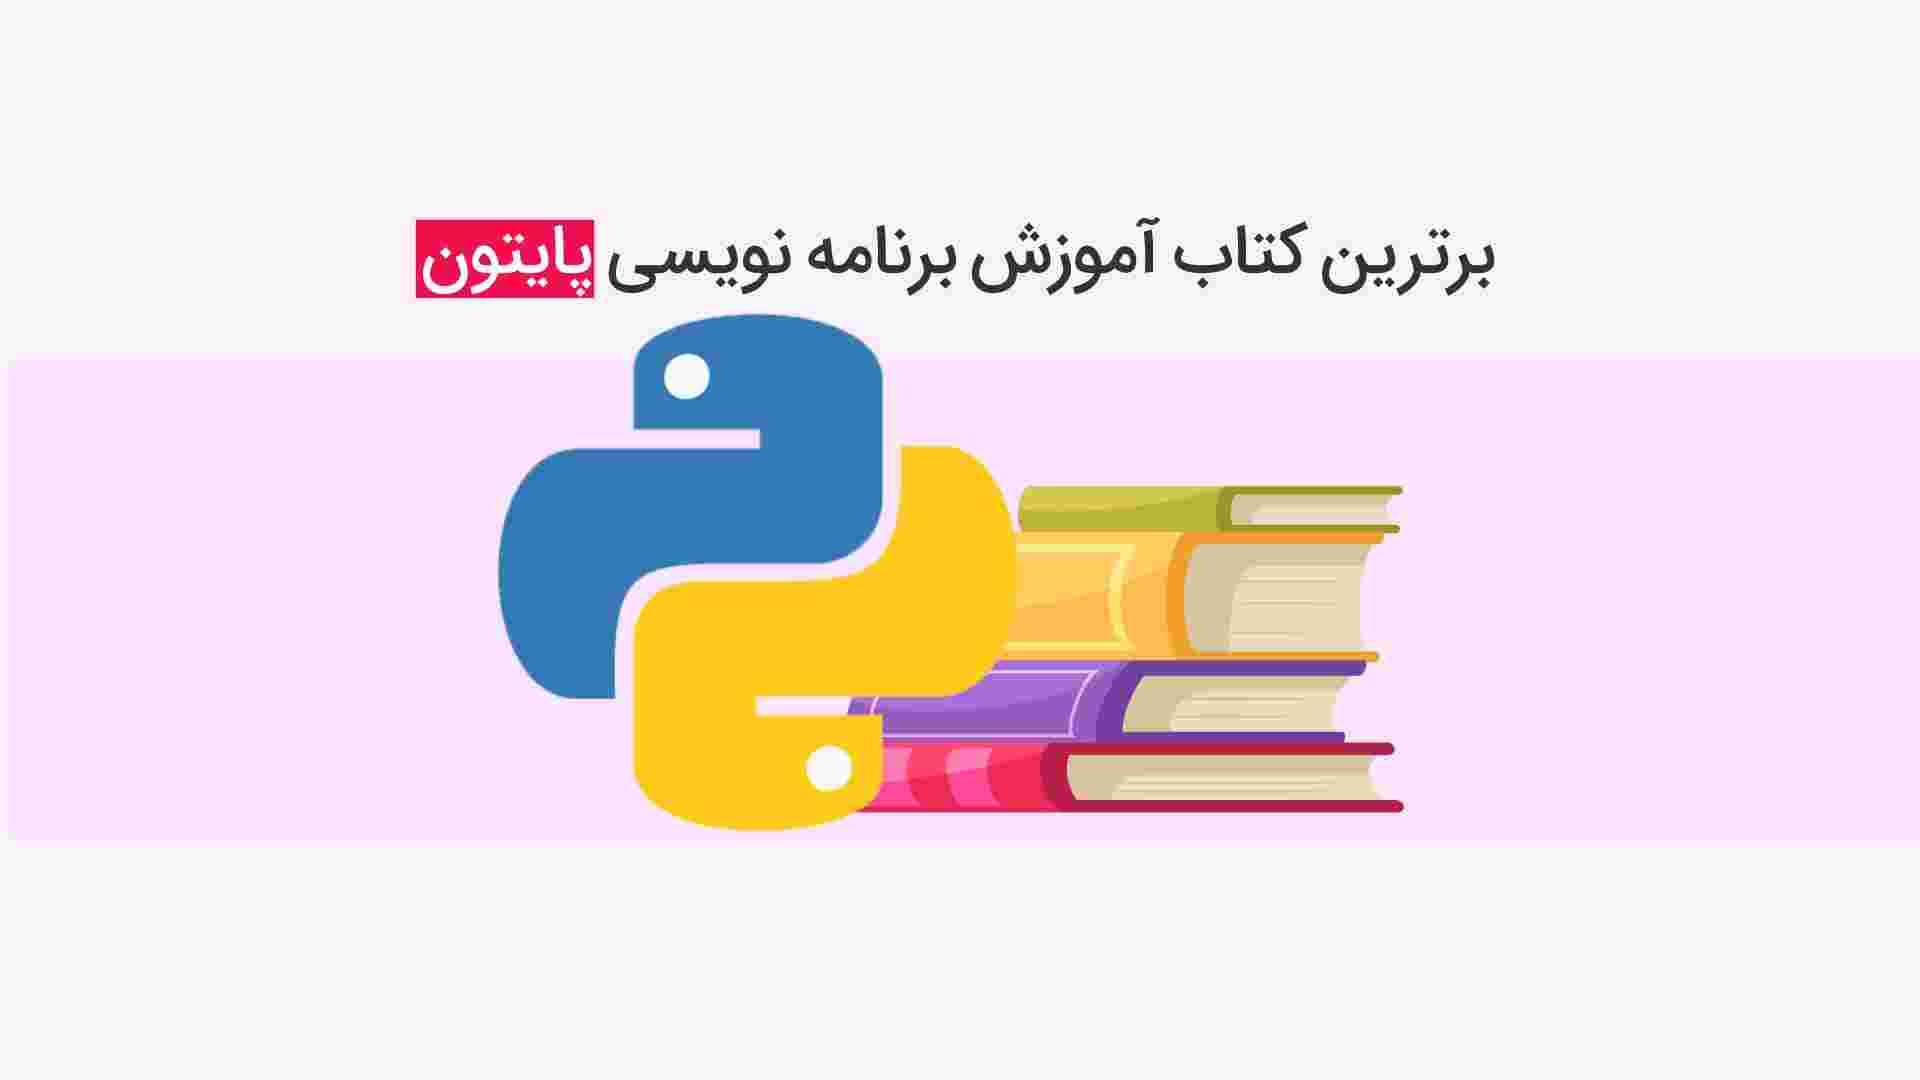 معرفی بهترین کتاب آموزش برنامه نویسی پایتون